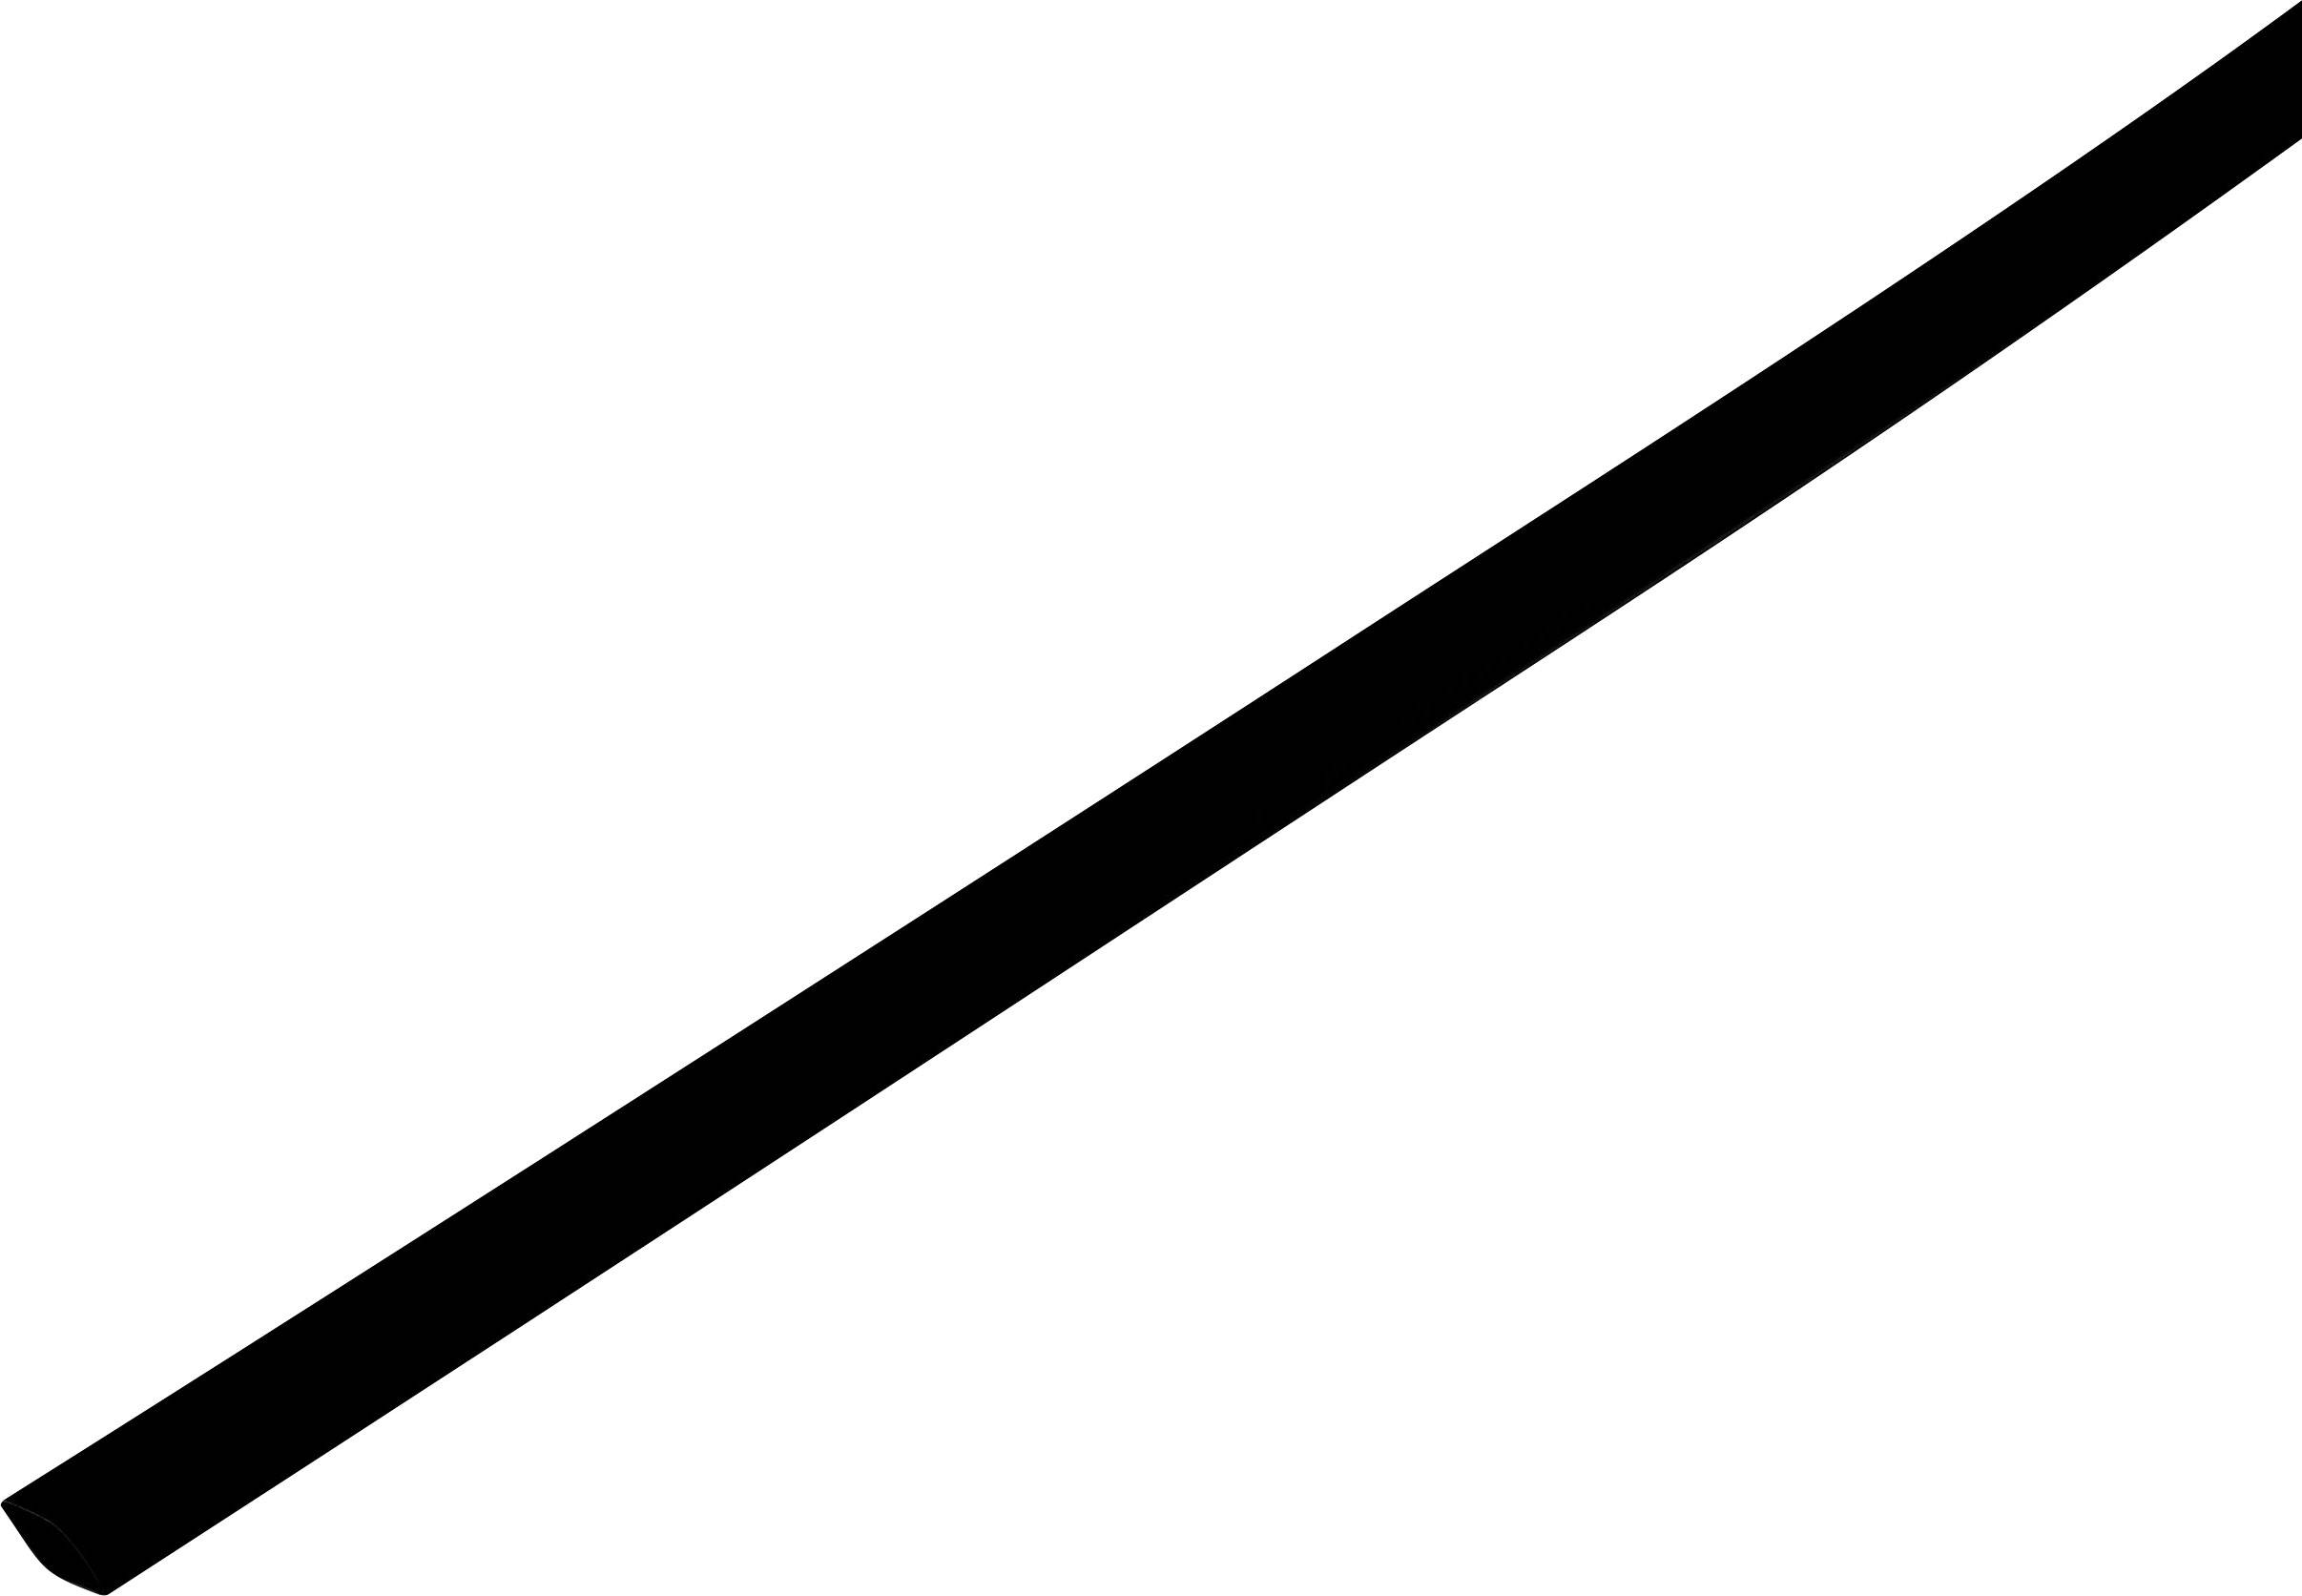 Zmršťovacie bužírky nelepiace 1225497, 2:1, 12.70 mm, čierna, metrový tovar